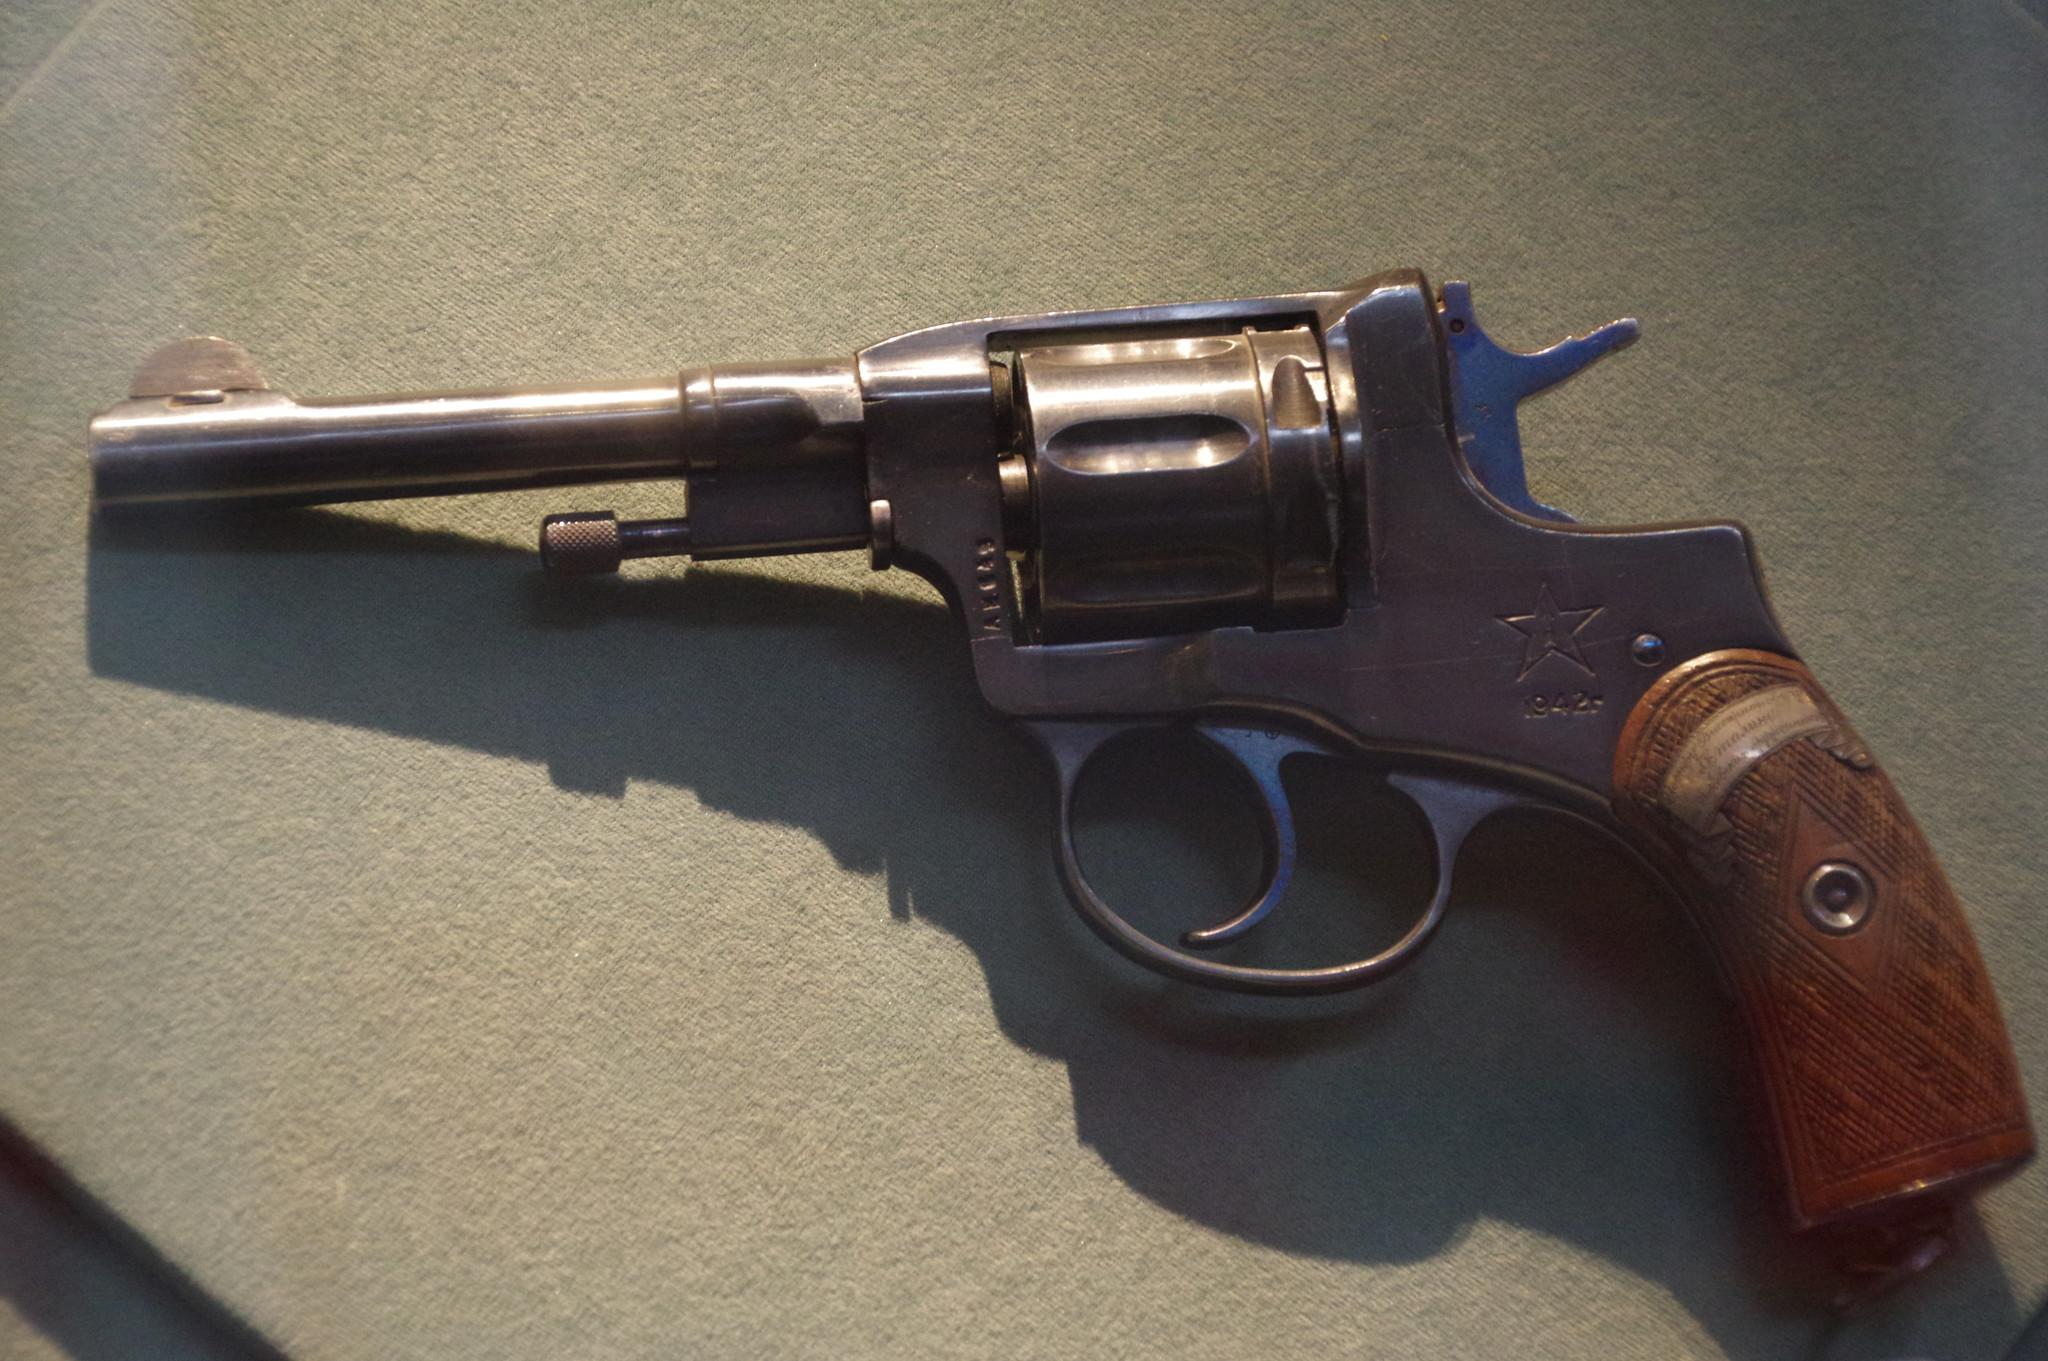 7,62-мм револьвер системы Нагана образца 1895 года подарок И.В. Сталину от ижевских оружейников